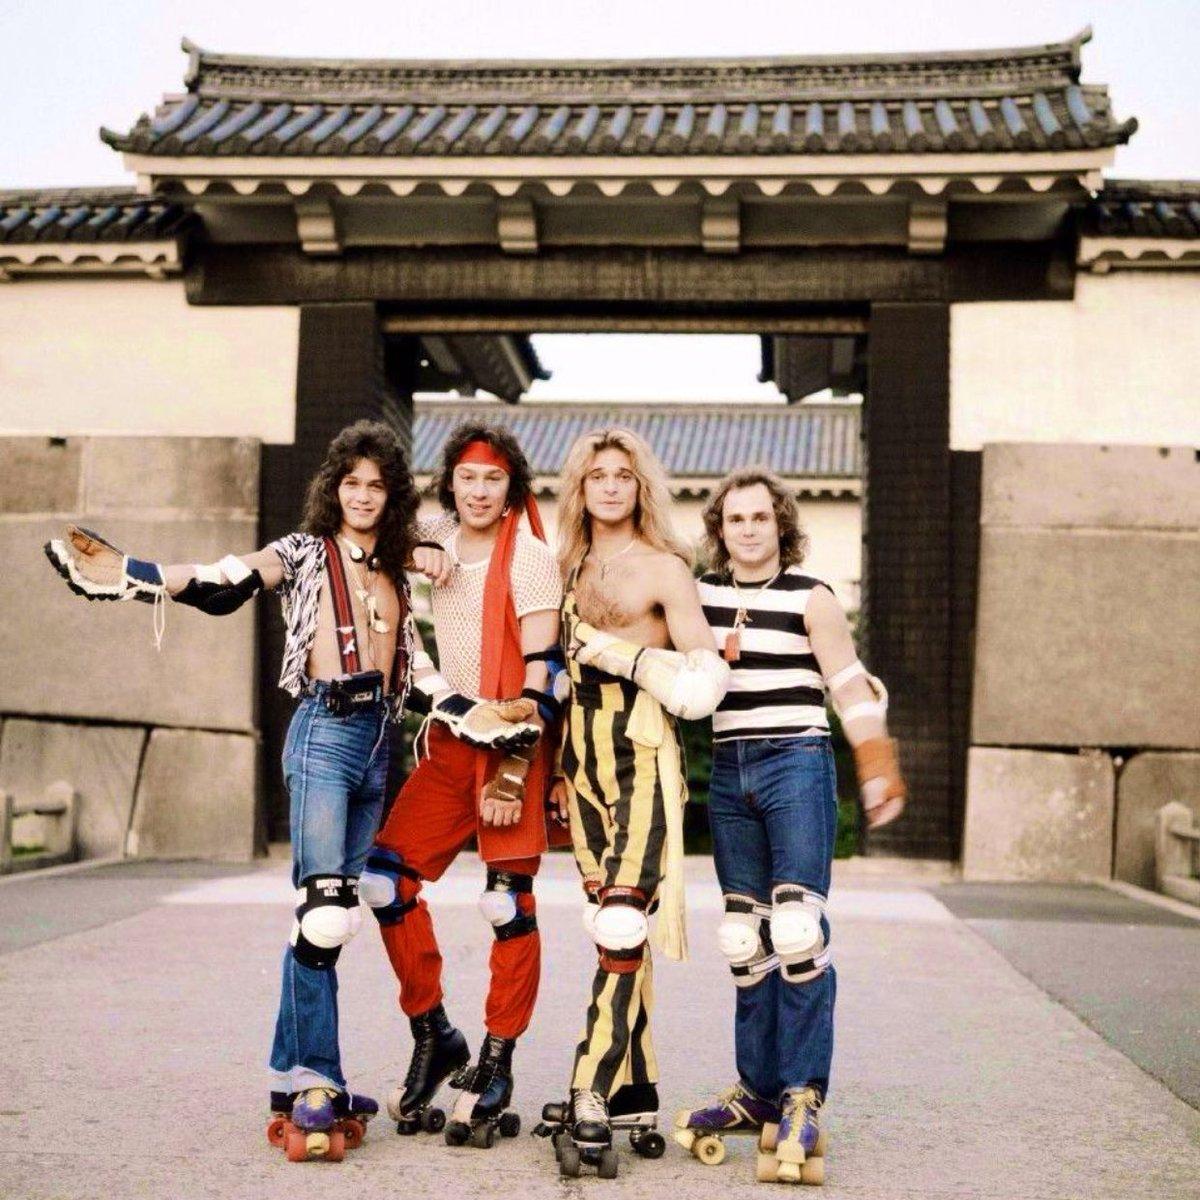 @djmarkfarina's photo on Van Halen